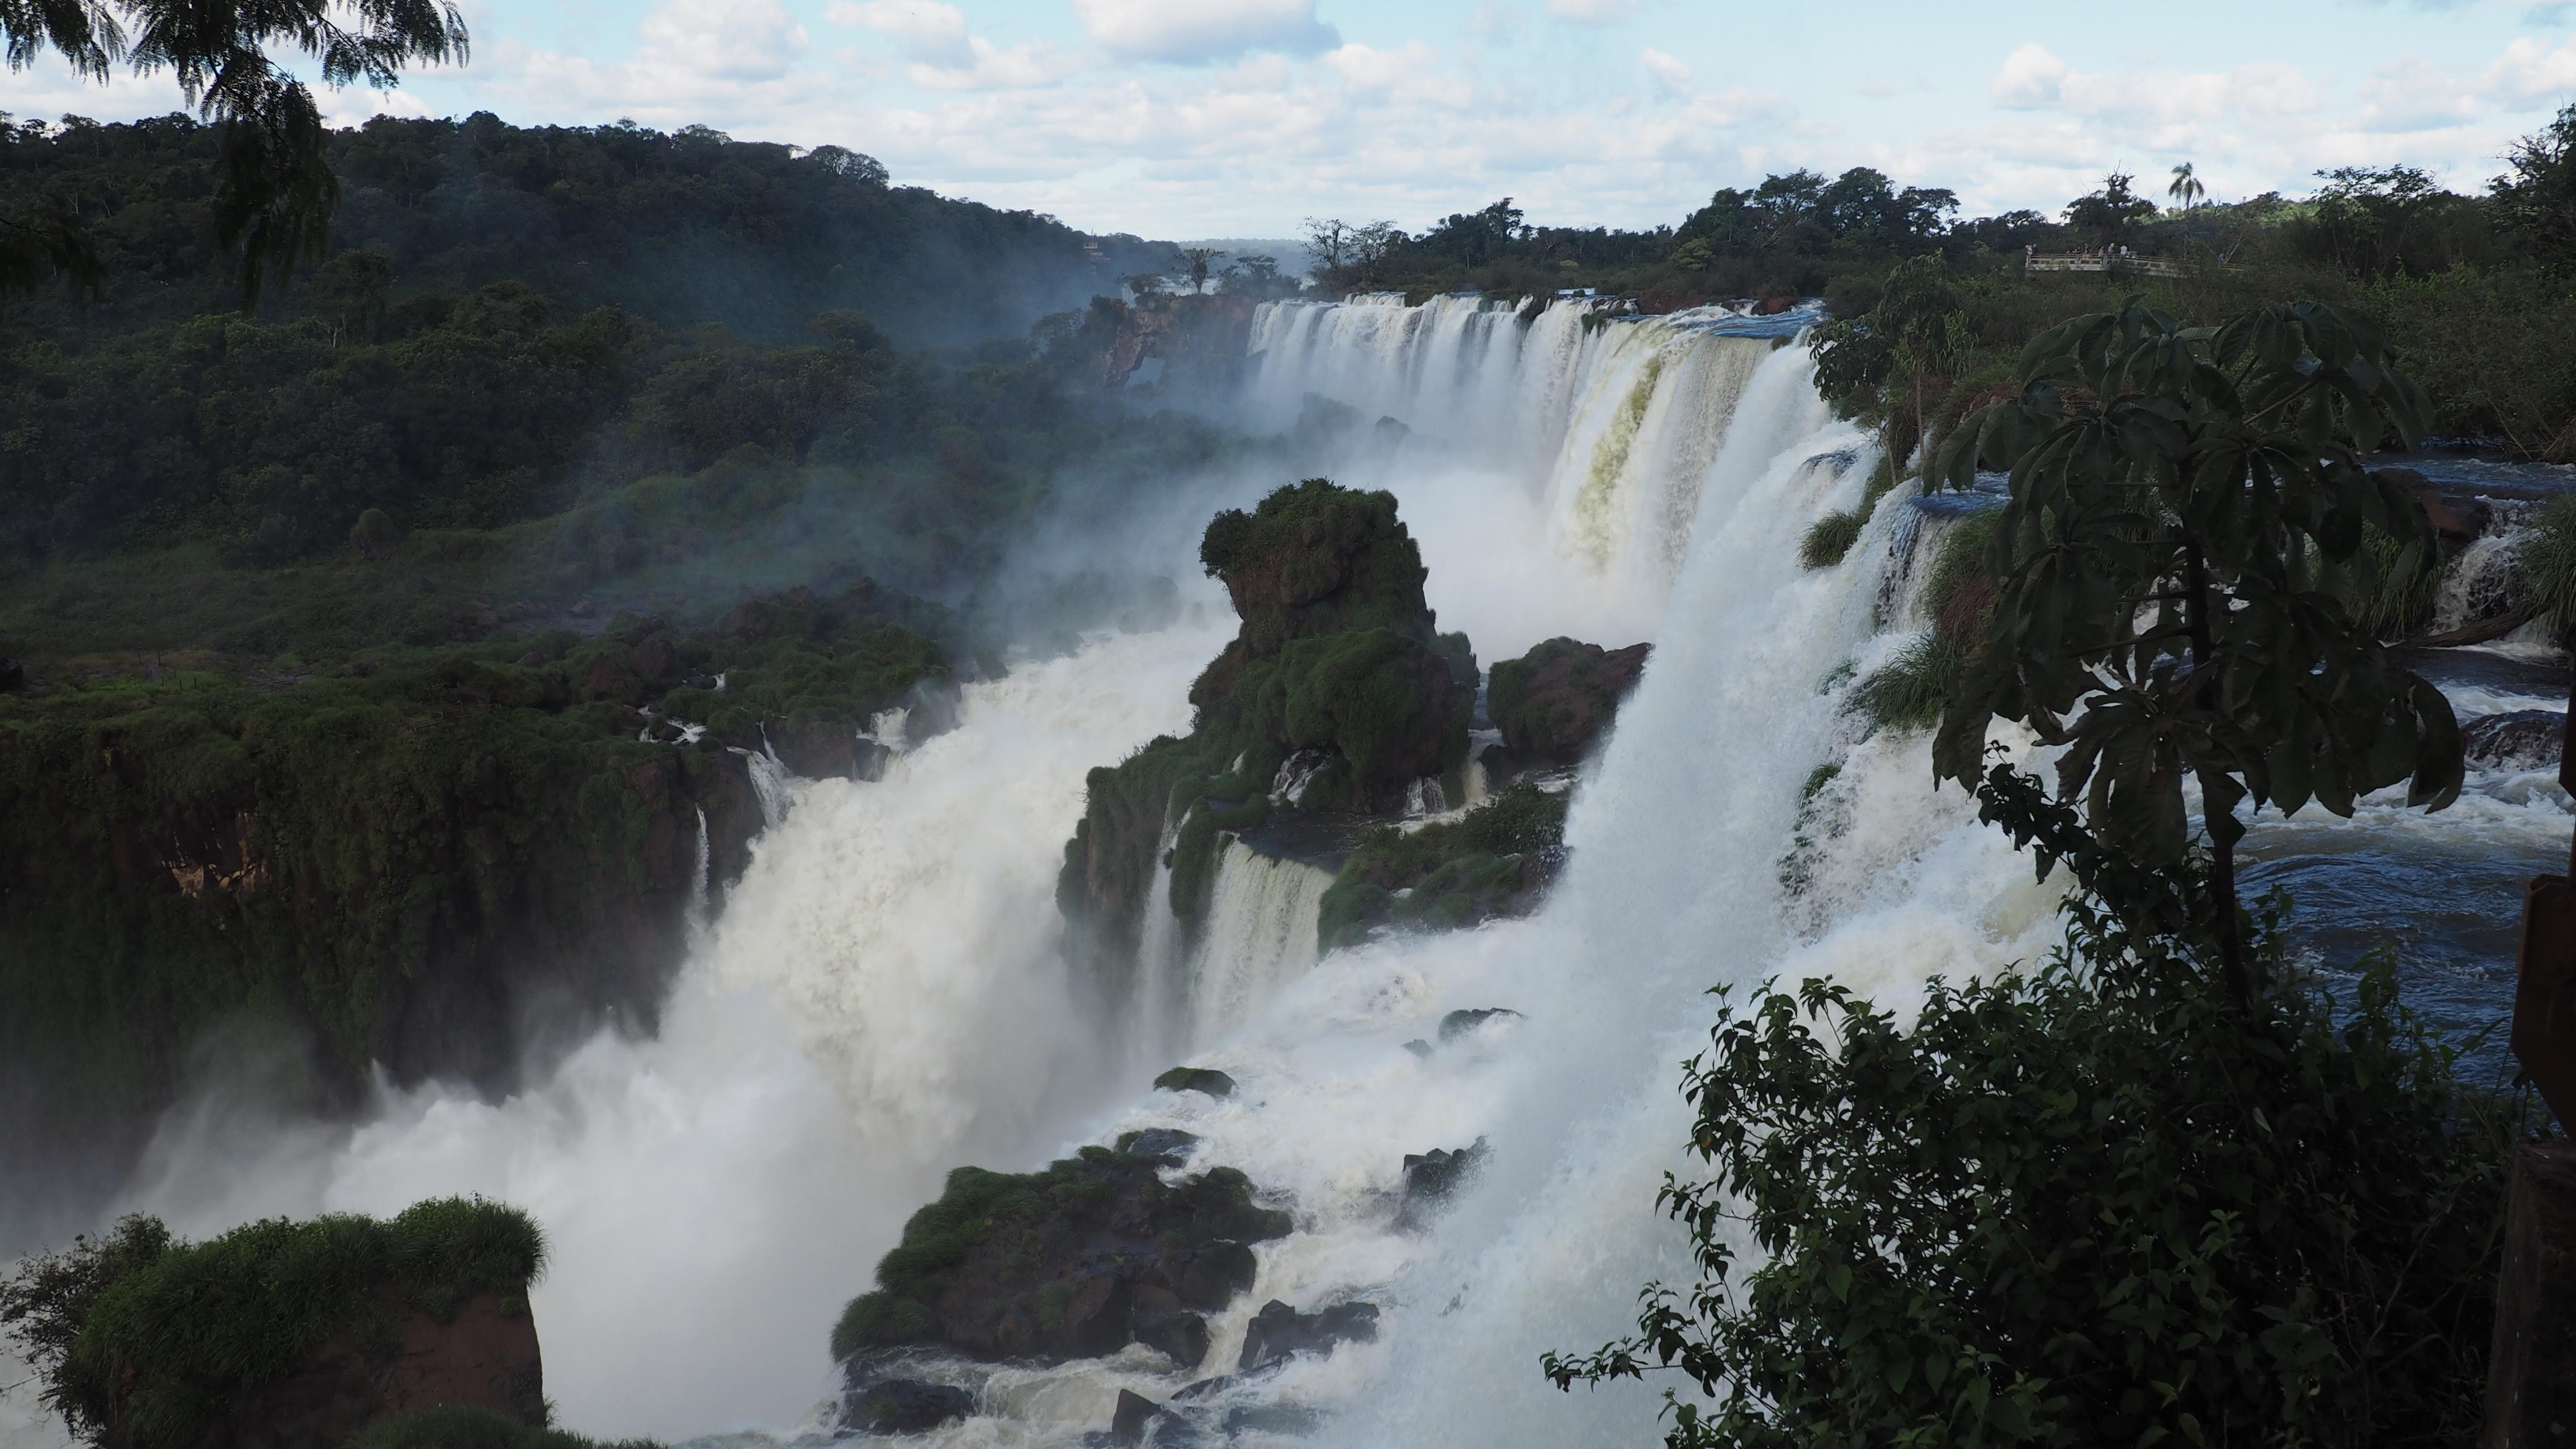 Qué lado de las Cataratas de Iguazú es mejor